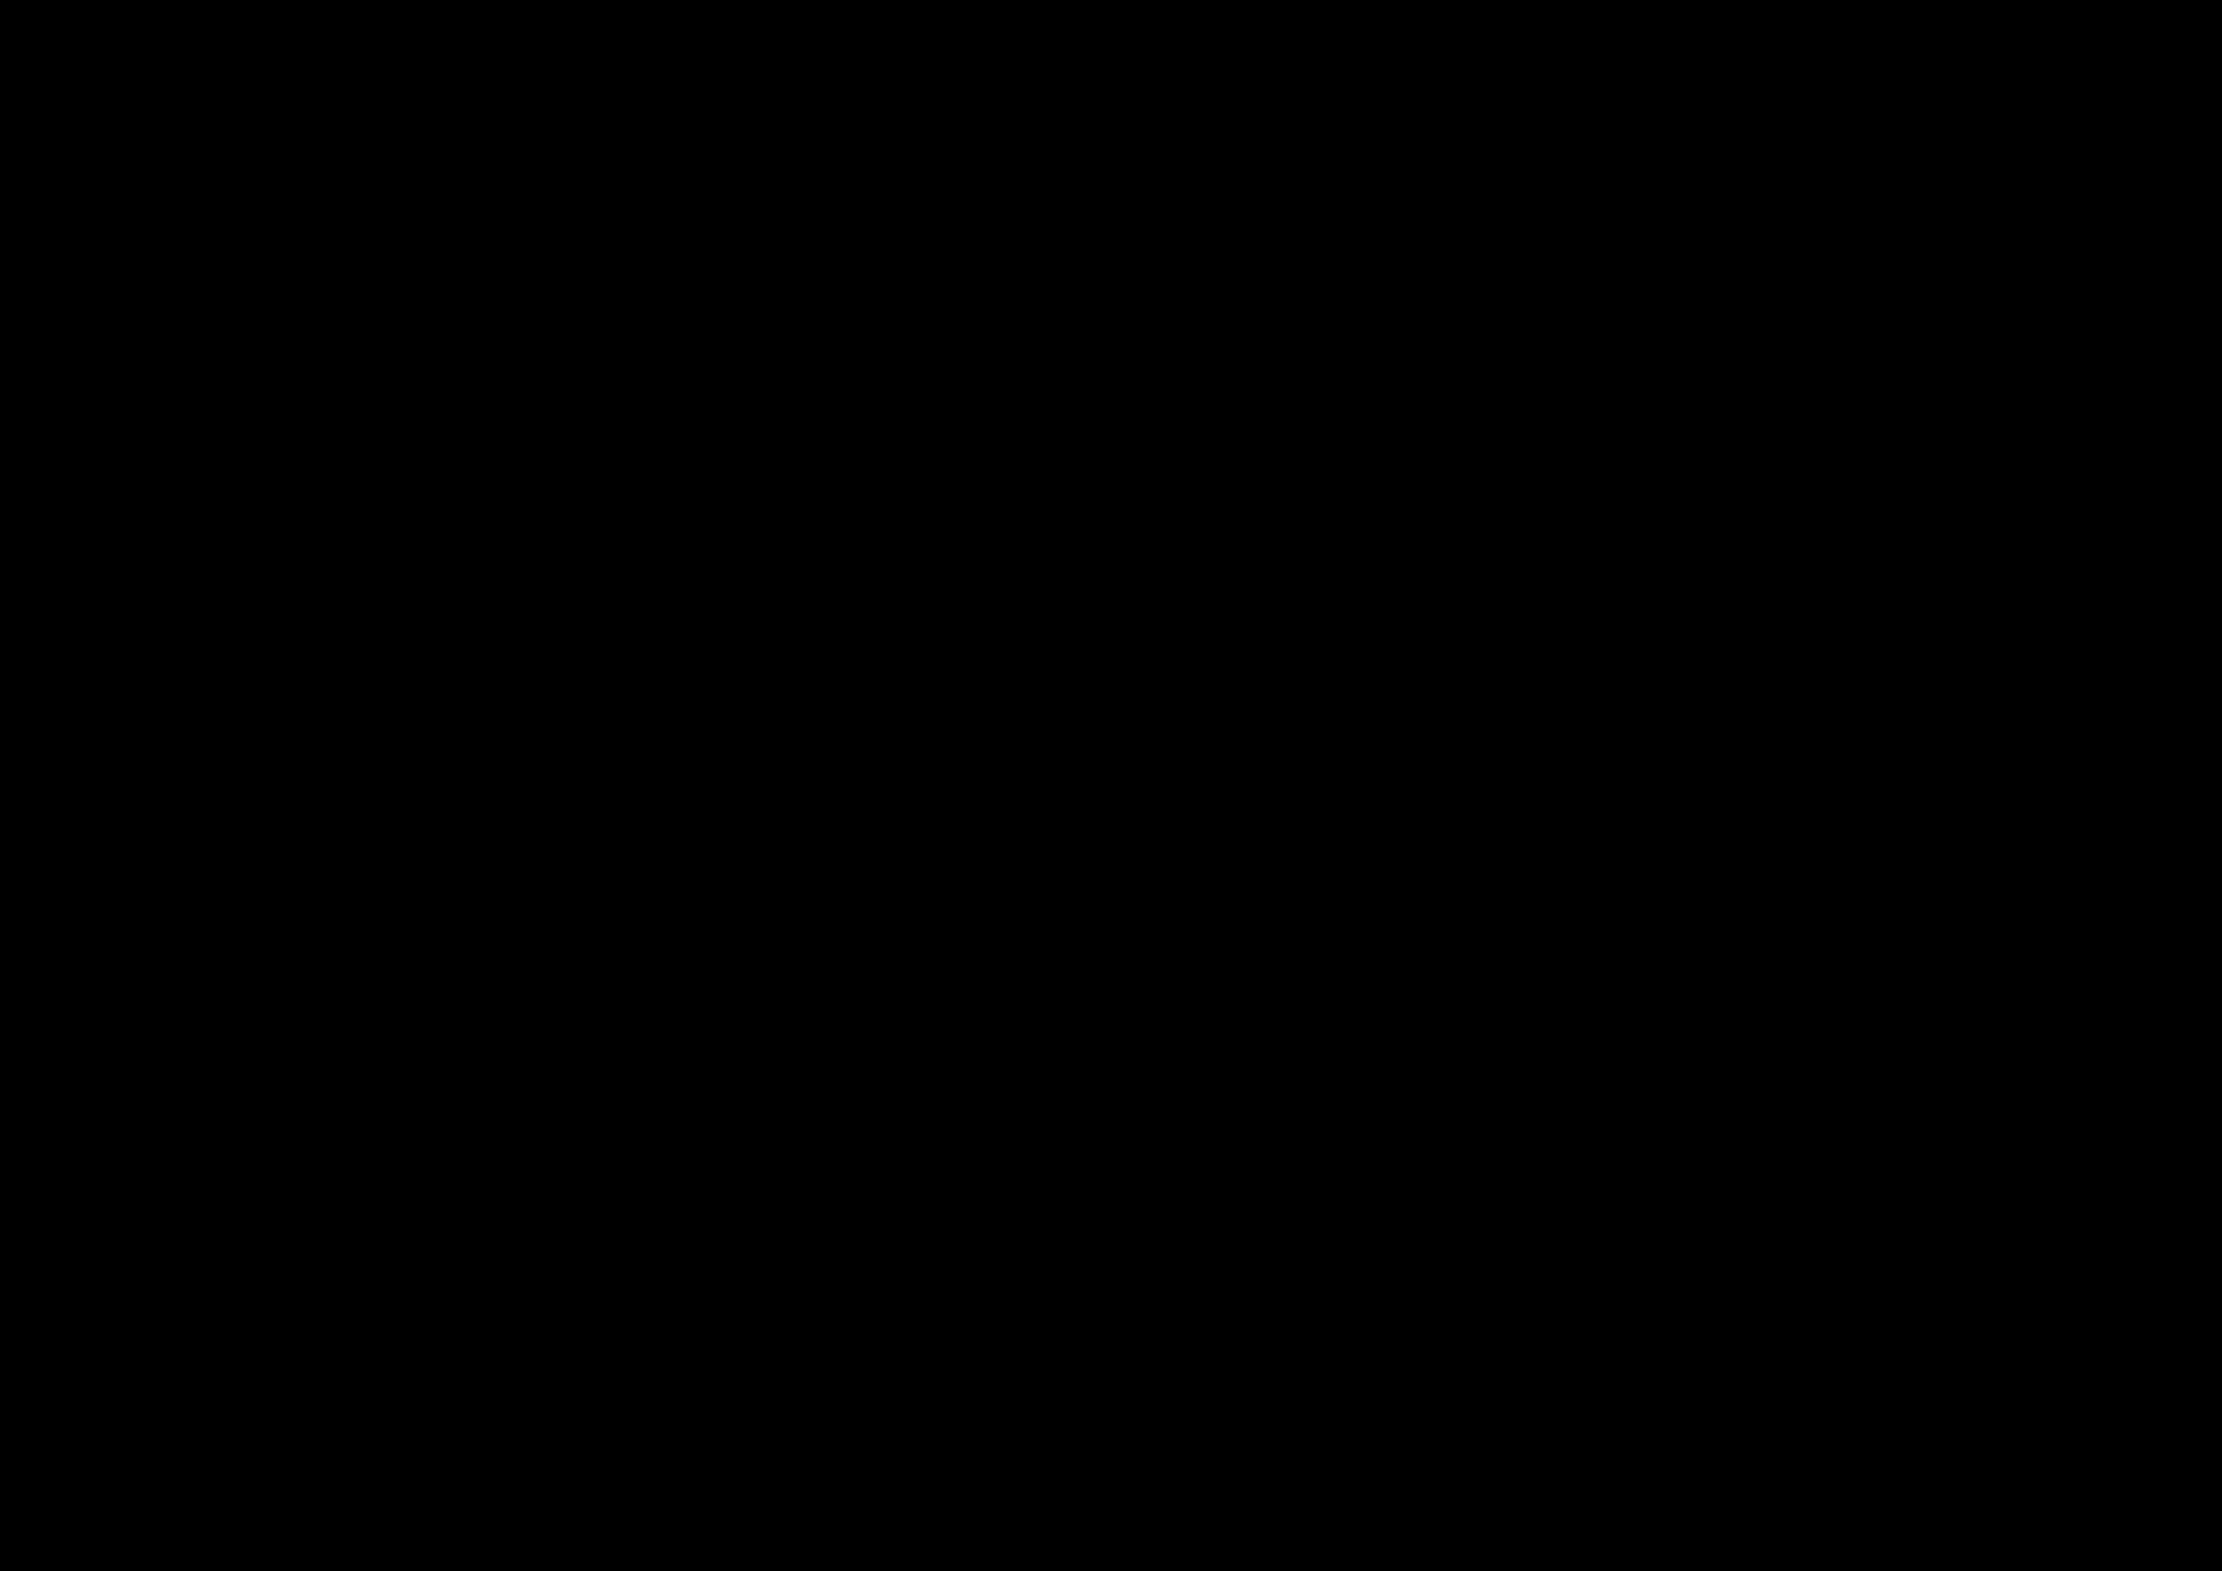 Commandenumerique